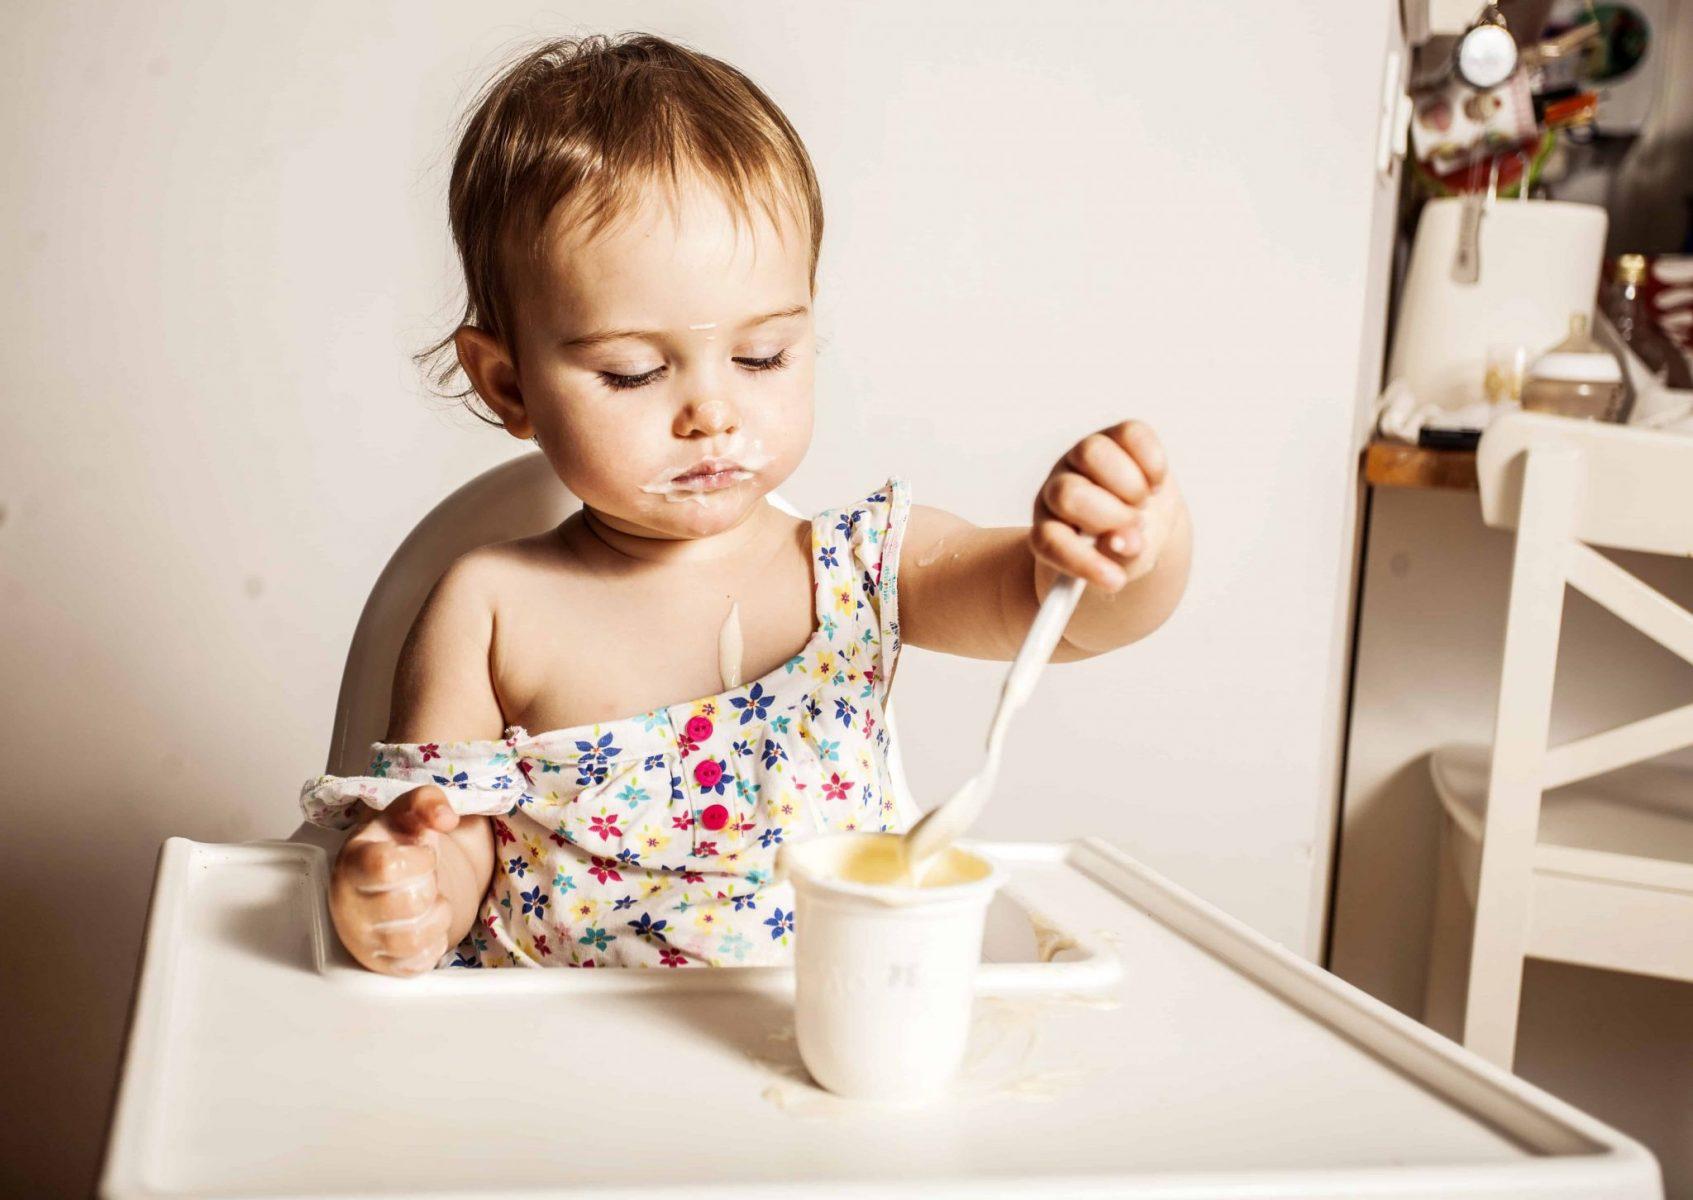 Iogurte para bebé, sim ou não?